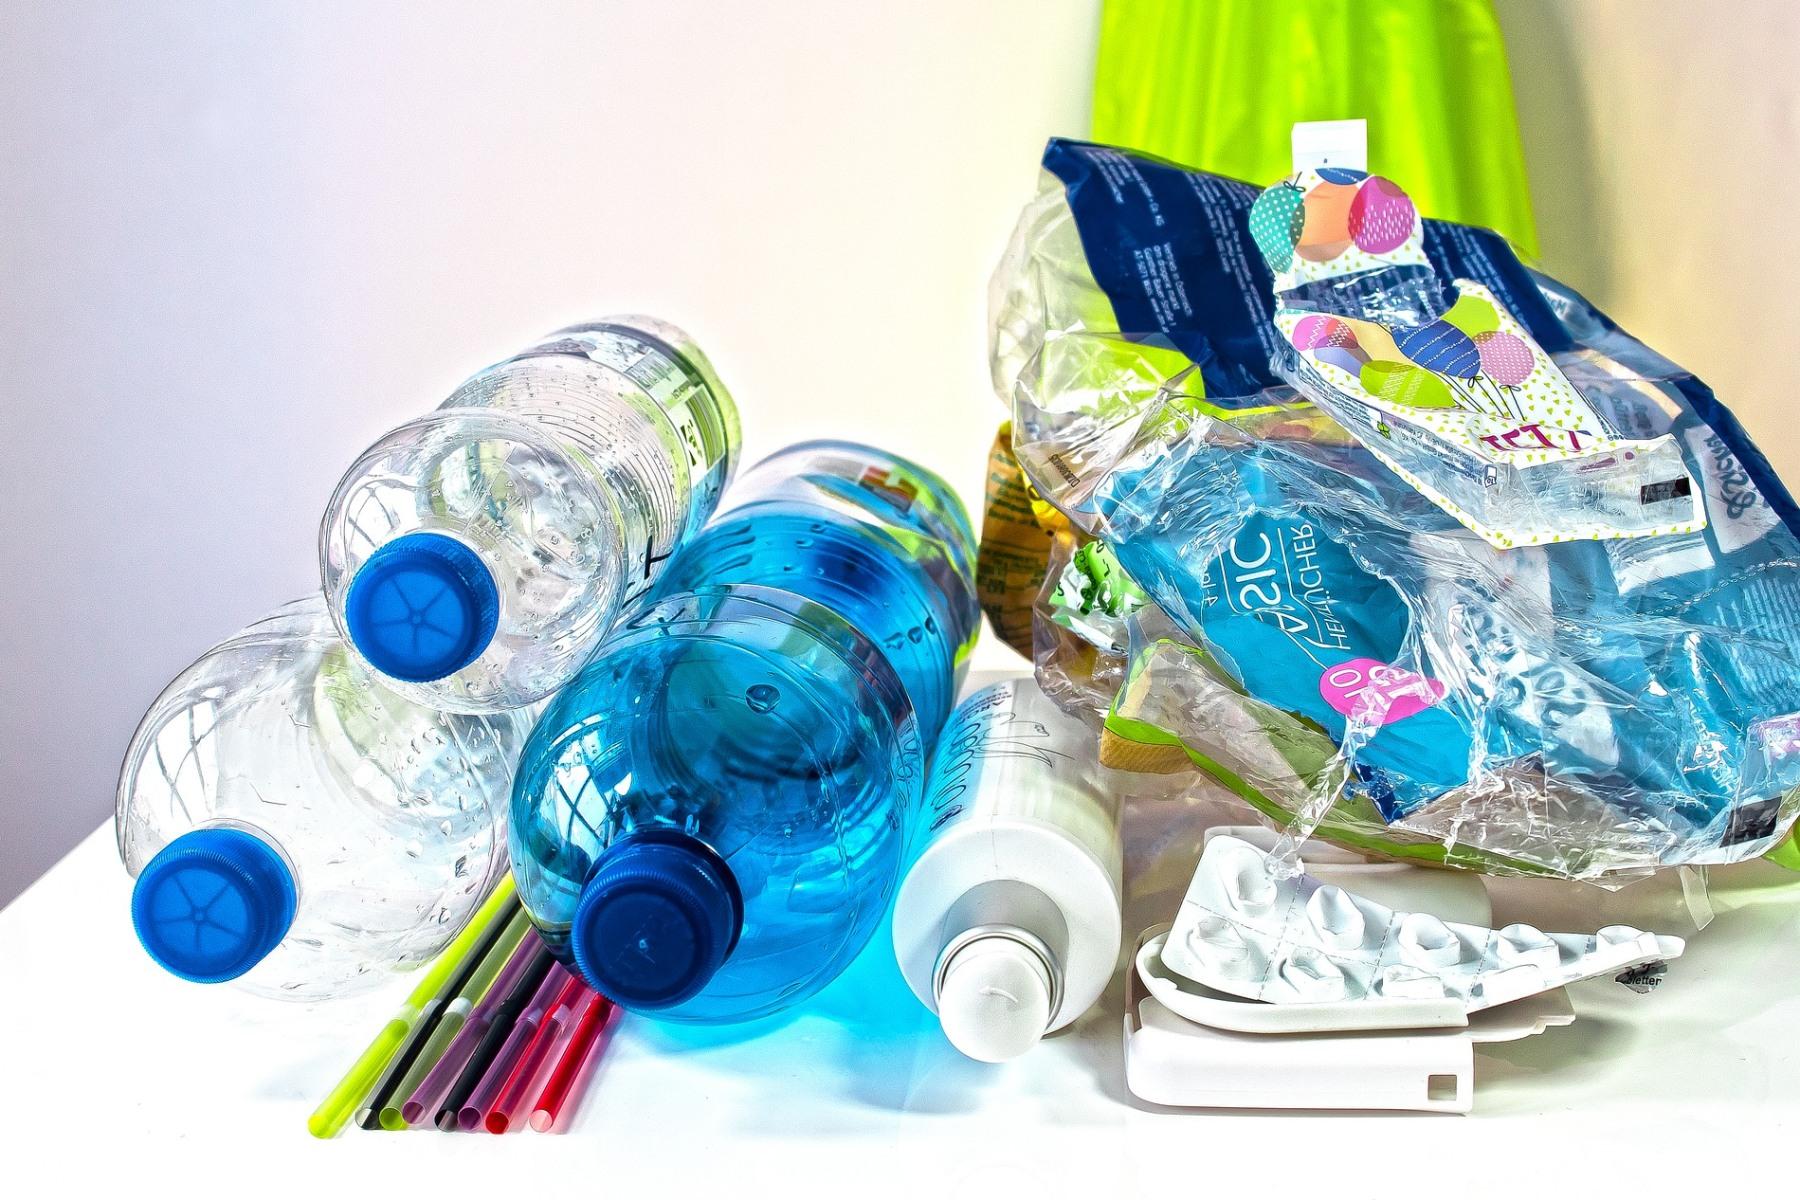 Třídit, nebo zálohovat? Jak řeší problém se systémem sběru PET lahví jednotlivé země?